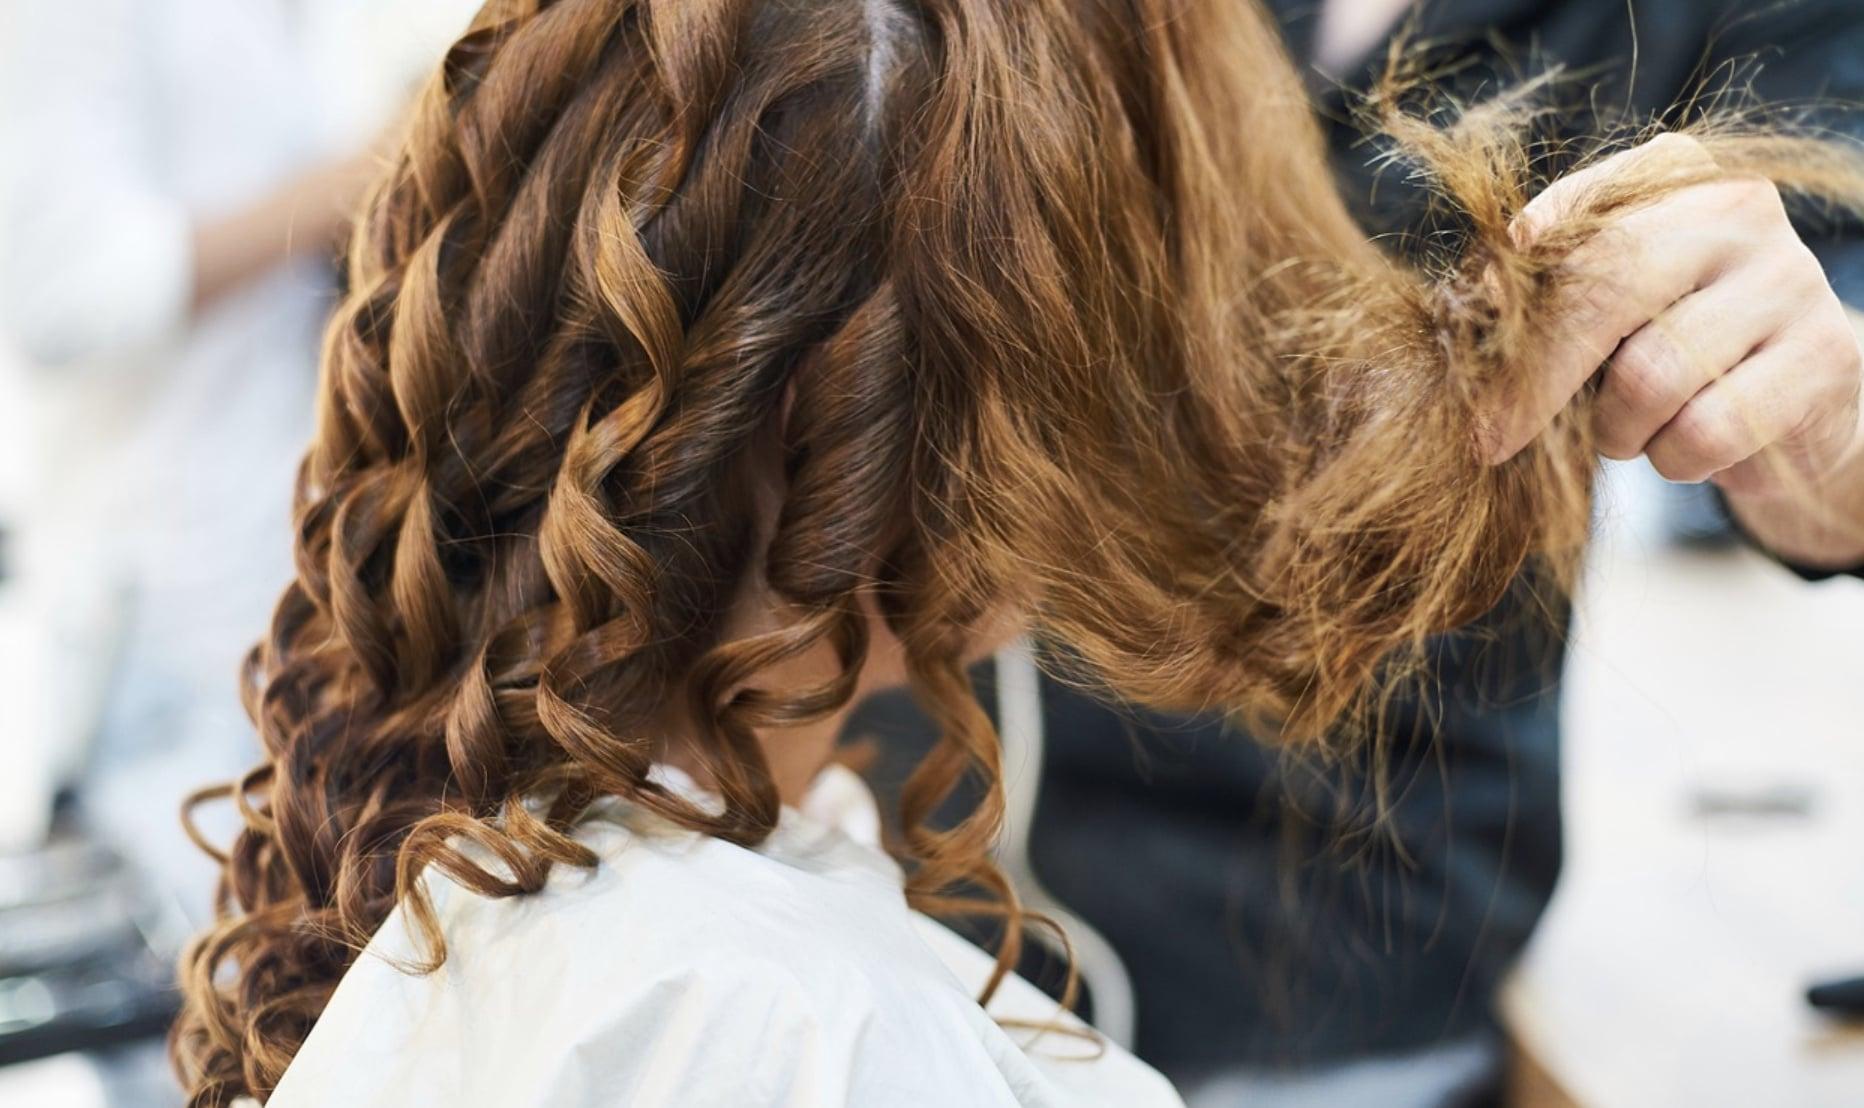 La meilleure couleur à adopter si vous avez des cheveux fins, voici tous nos conseils ! - Breakingnews.fr